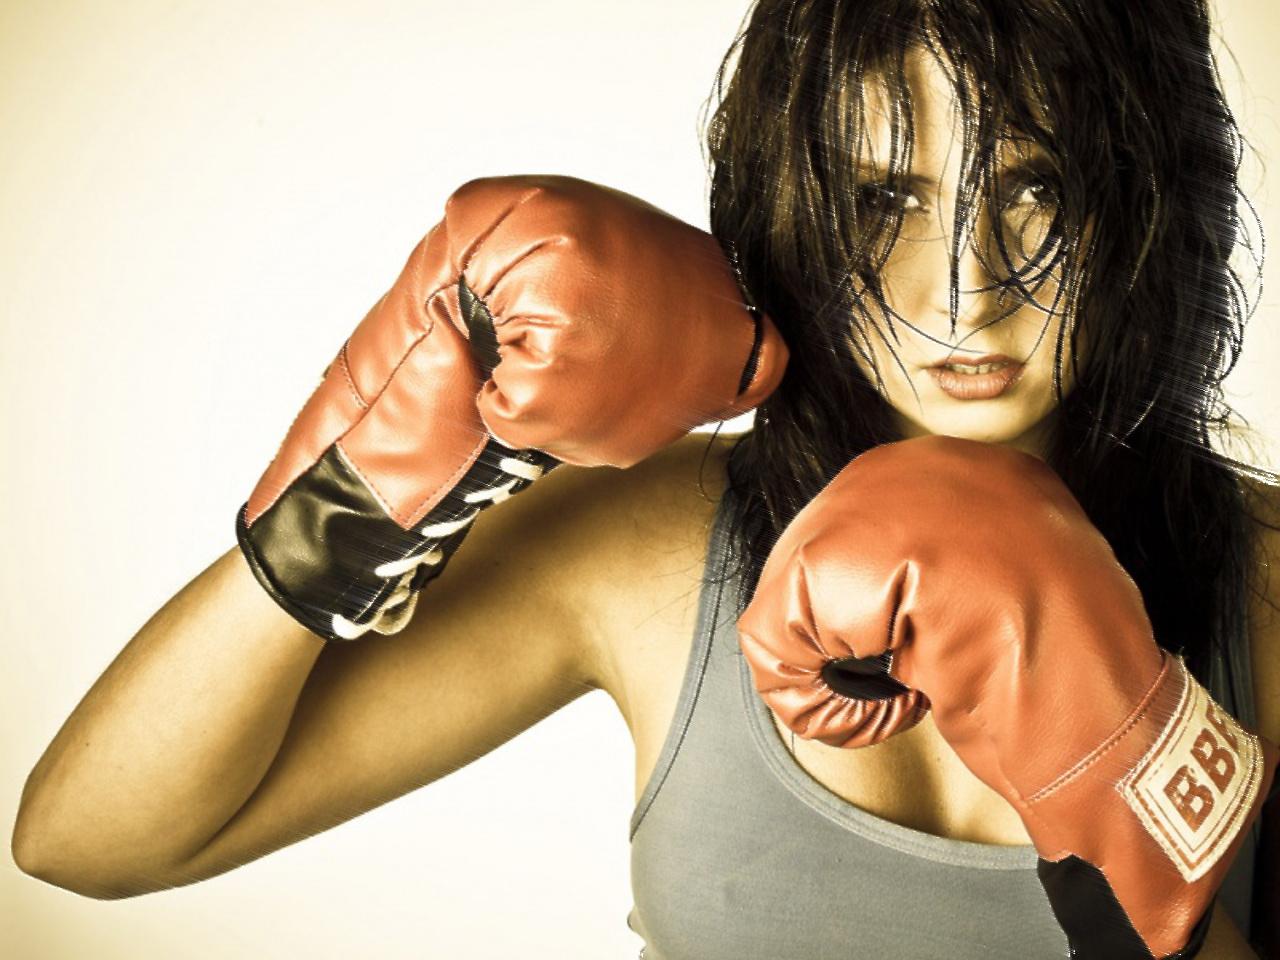 http://4.bp.blogspot.com/-GY4c4TPGu9Y/T-_zWEfSctI/AAAAAAAAACA/qXx6bBC-SVM/s1600/Sport_Wallpapers_1.jpg